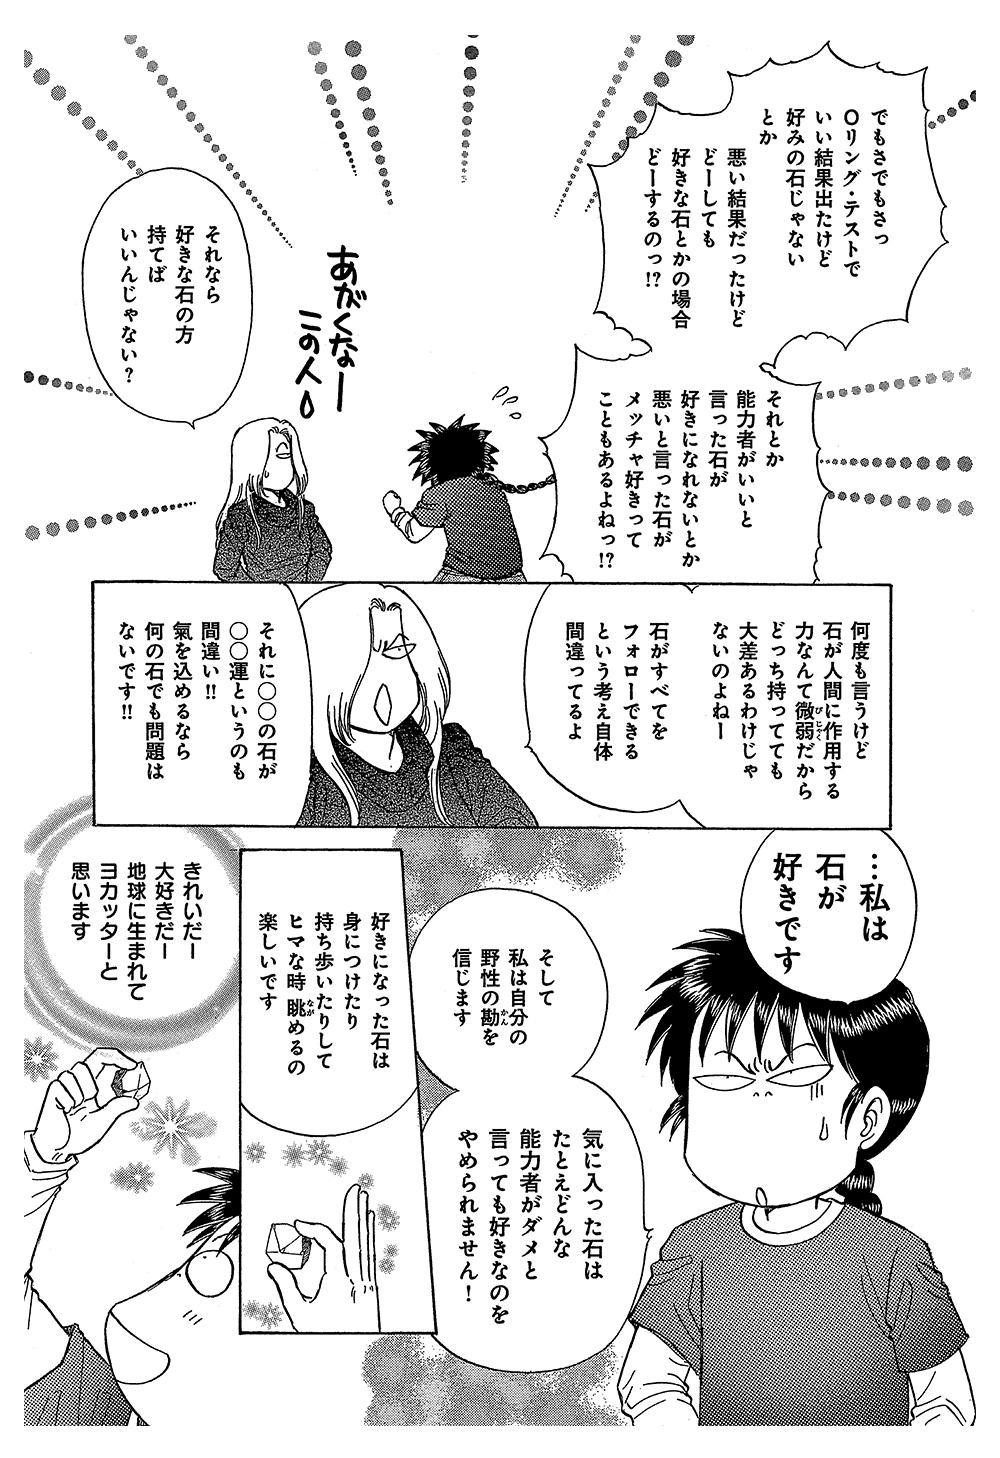 オカルト万華鏡 第1話 ②oka21.jpg